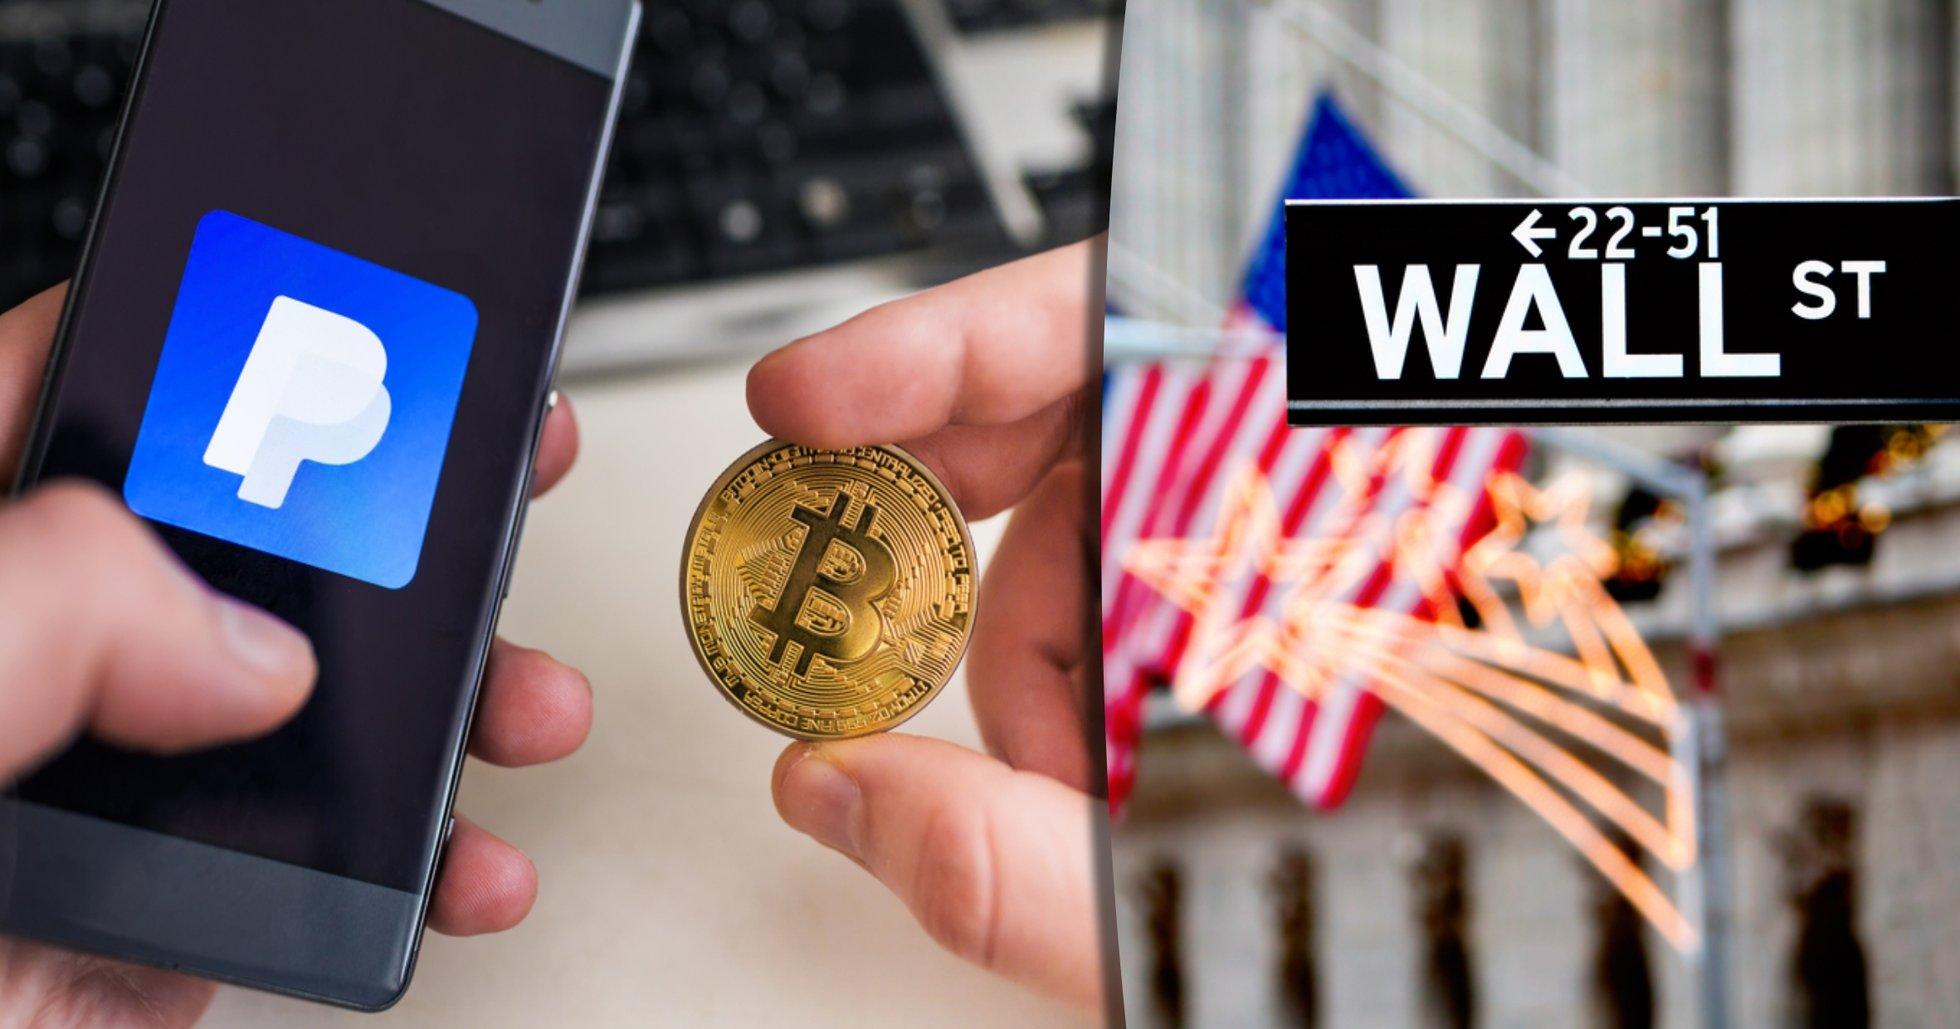 Paypals aktie har ökat med 16 procent sedan betaljätten lanserade kryptohandel